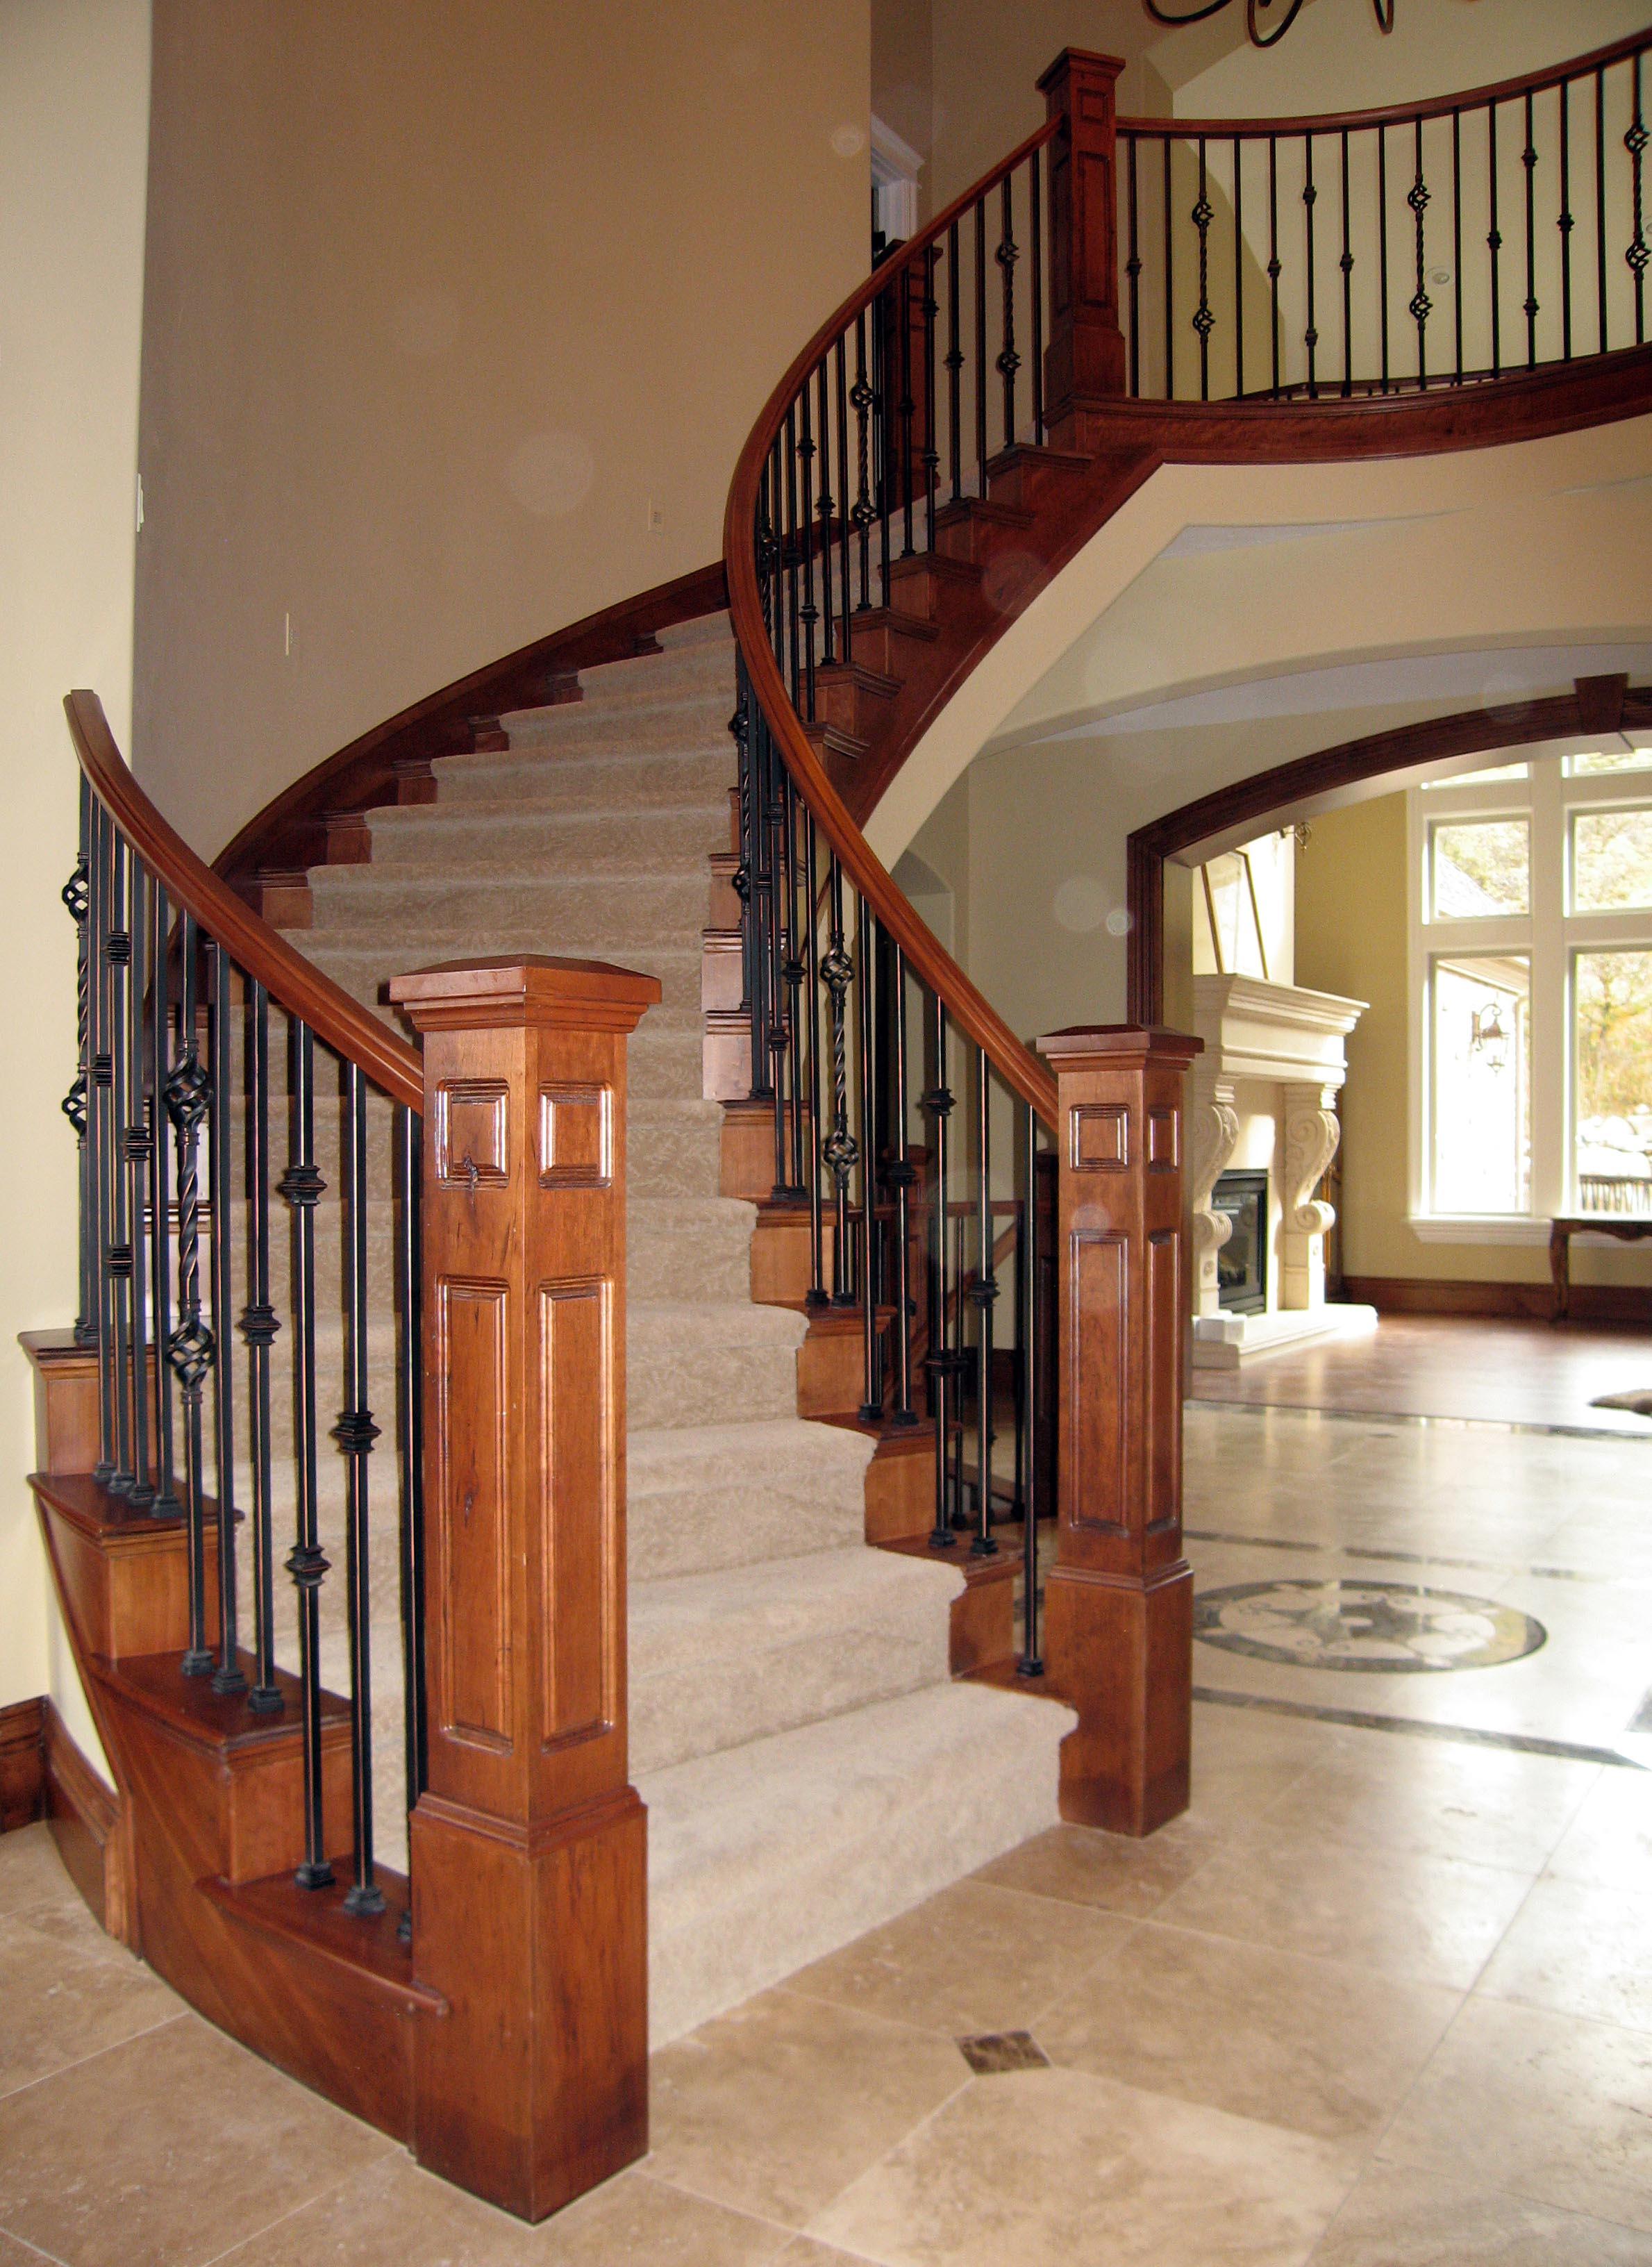 Mẫu lan can cầu thang đẹp bằng gỗ sẽ khá tốn kém về chi phí thi công